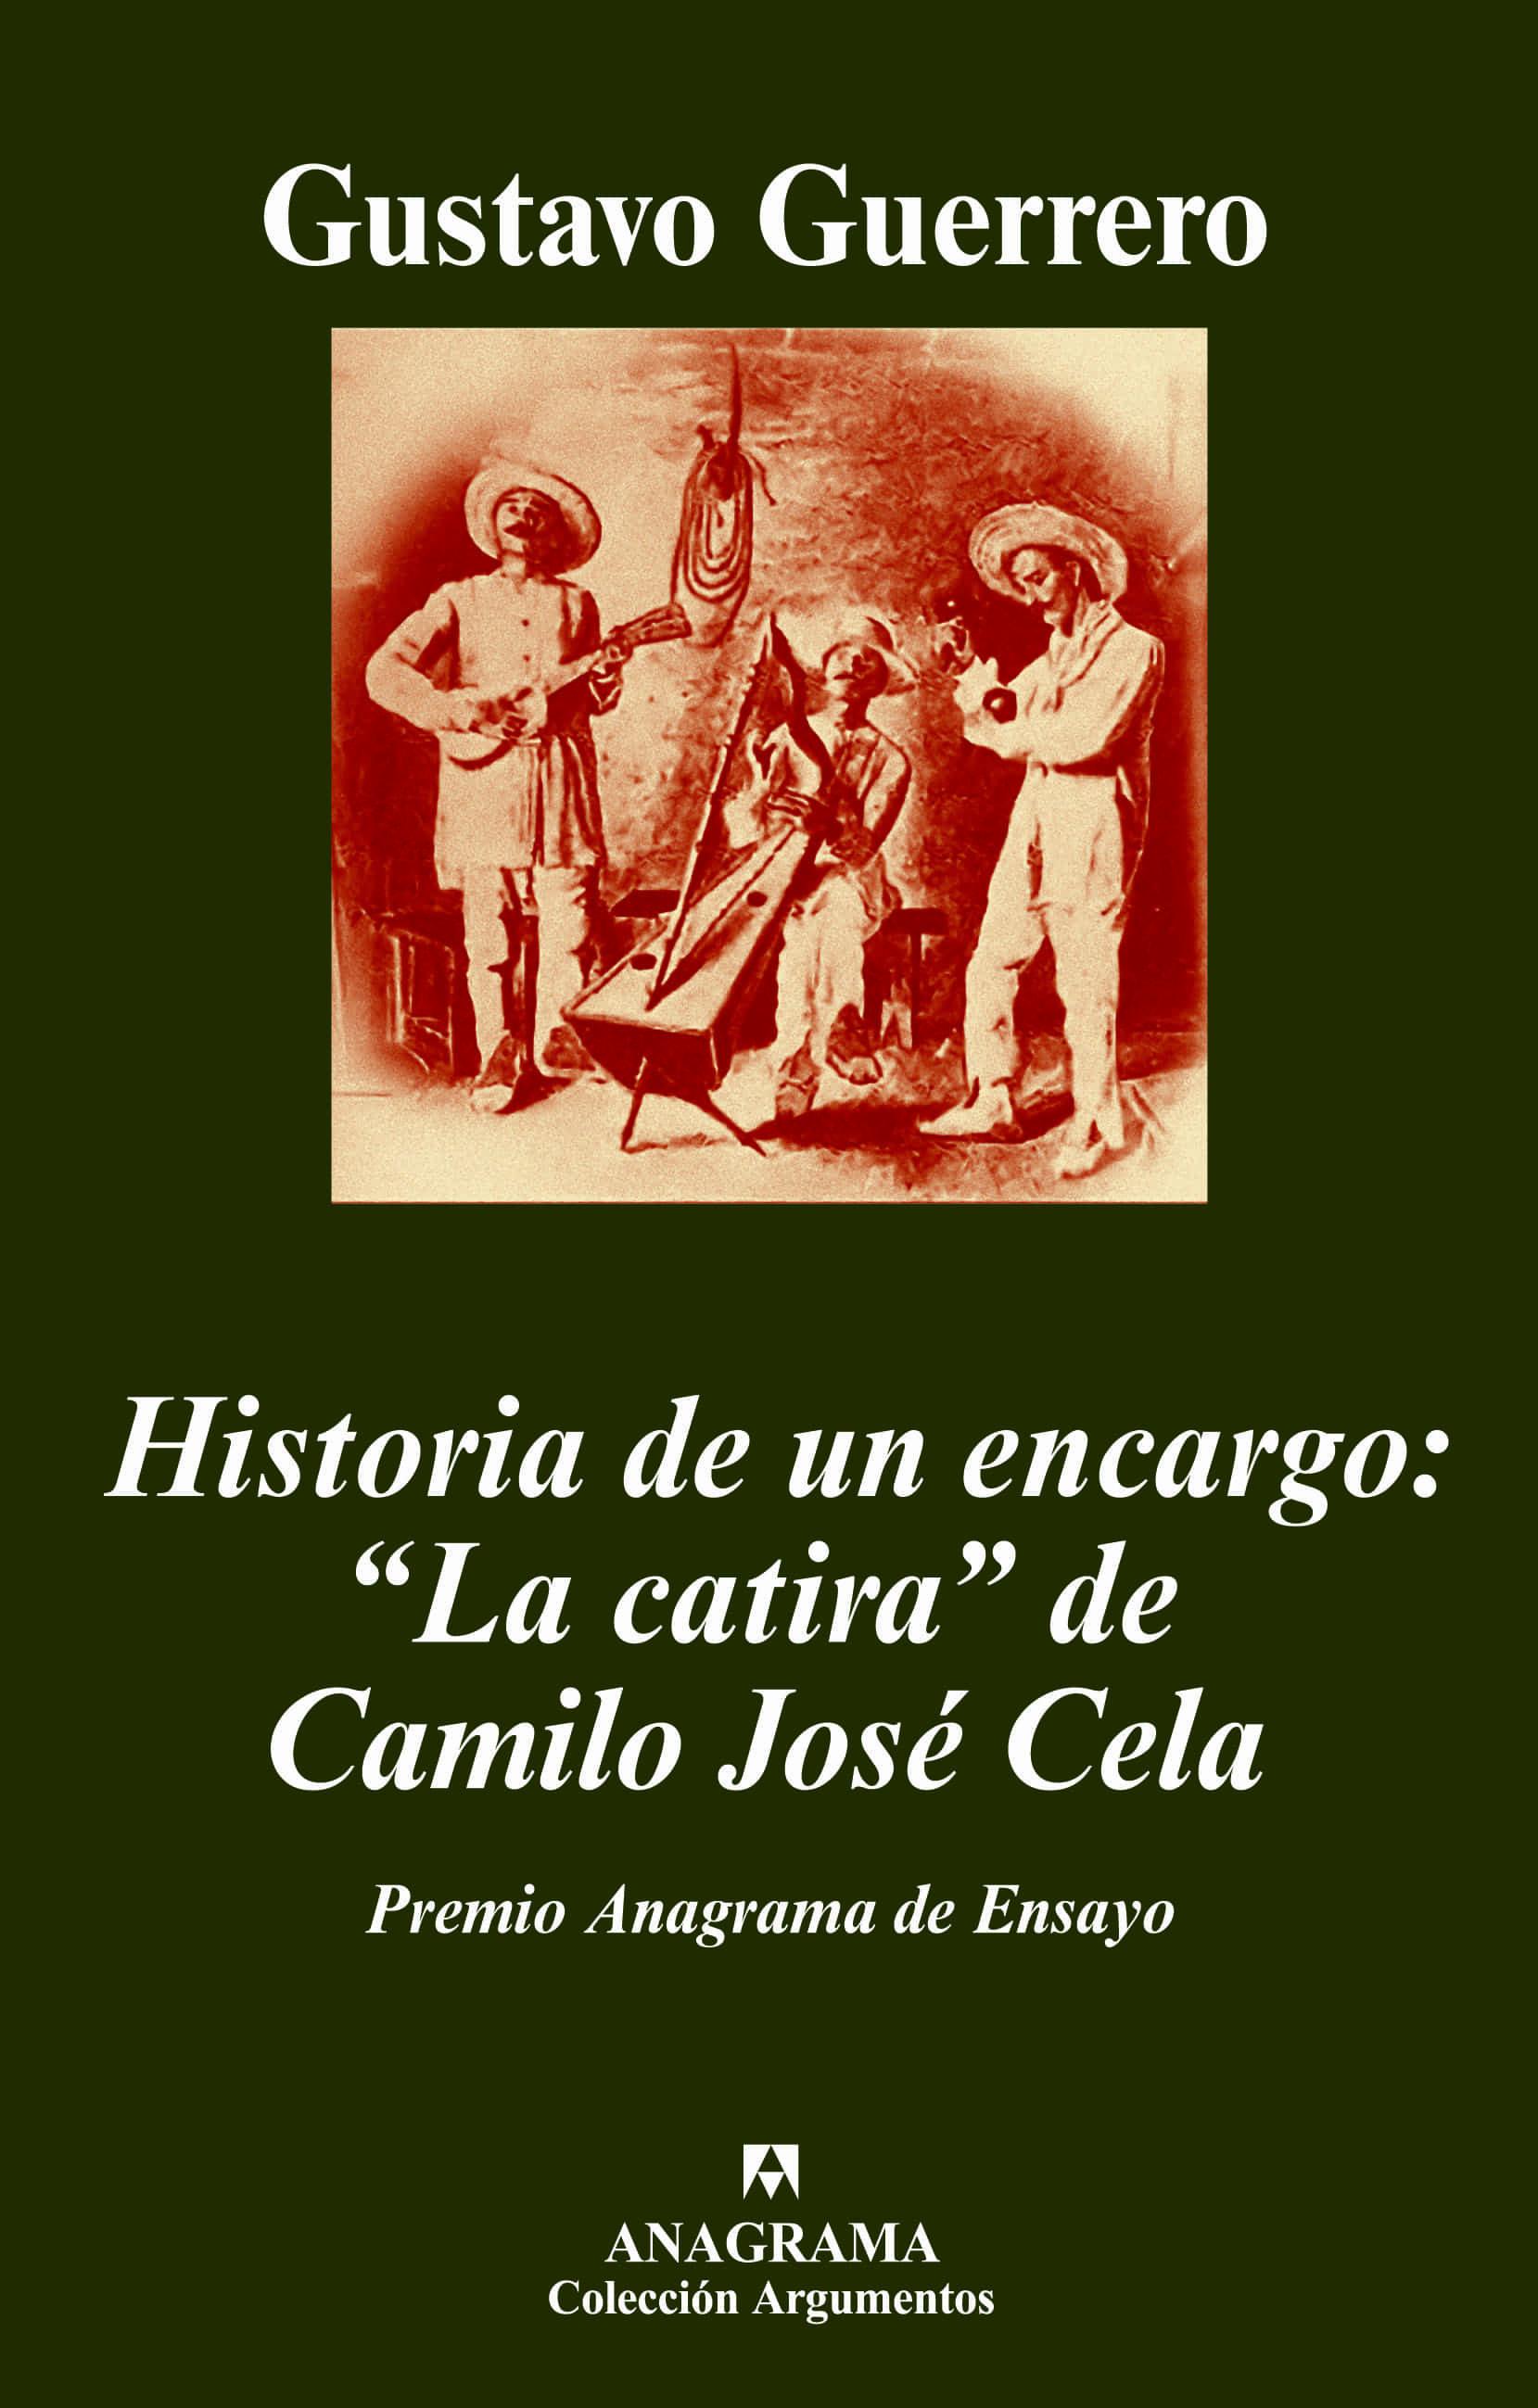 Historia De Un Encargo: La Catira De Camilo Jose Cela (xxxvi Prim Io Anagrama De Ensayo) por Gustavo Guerrero